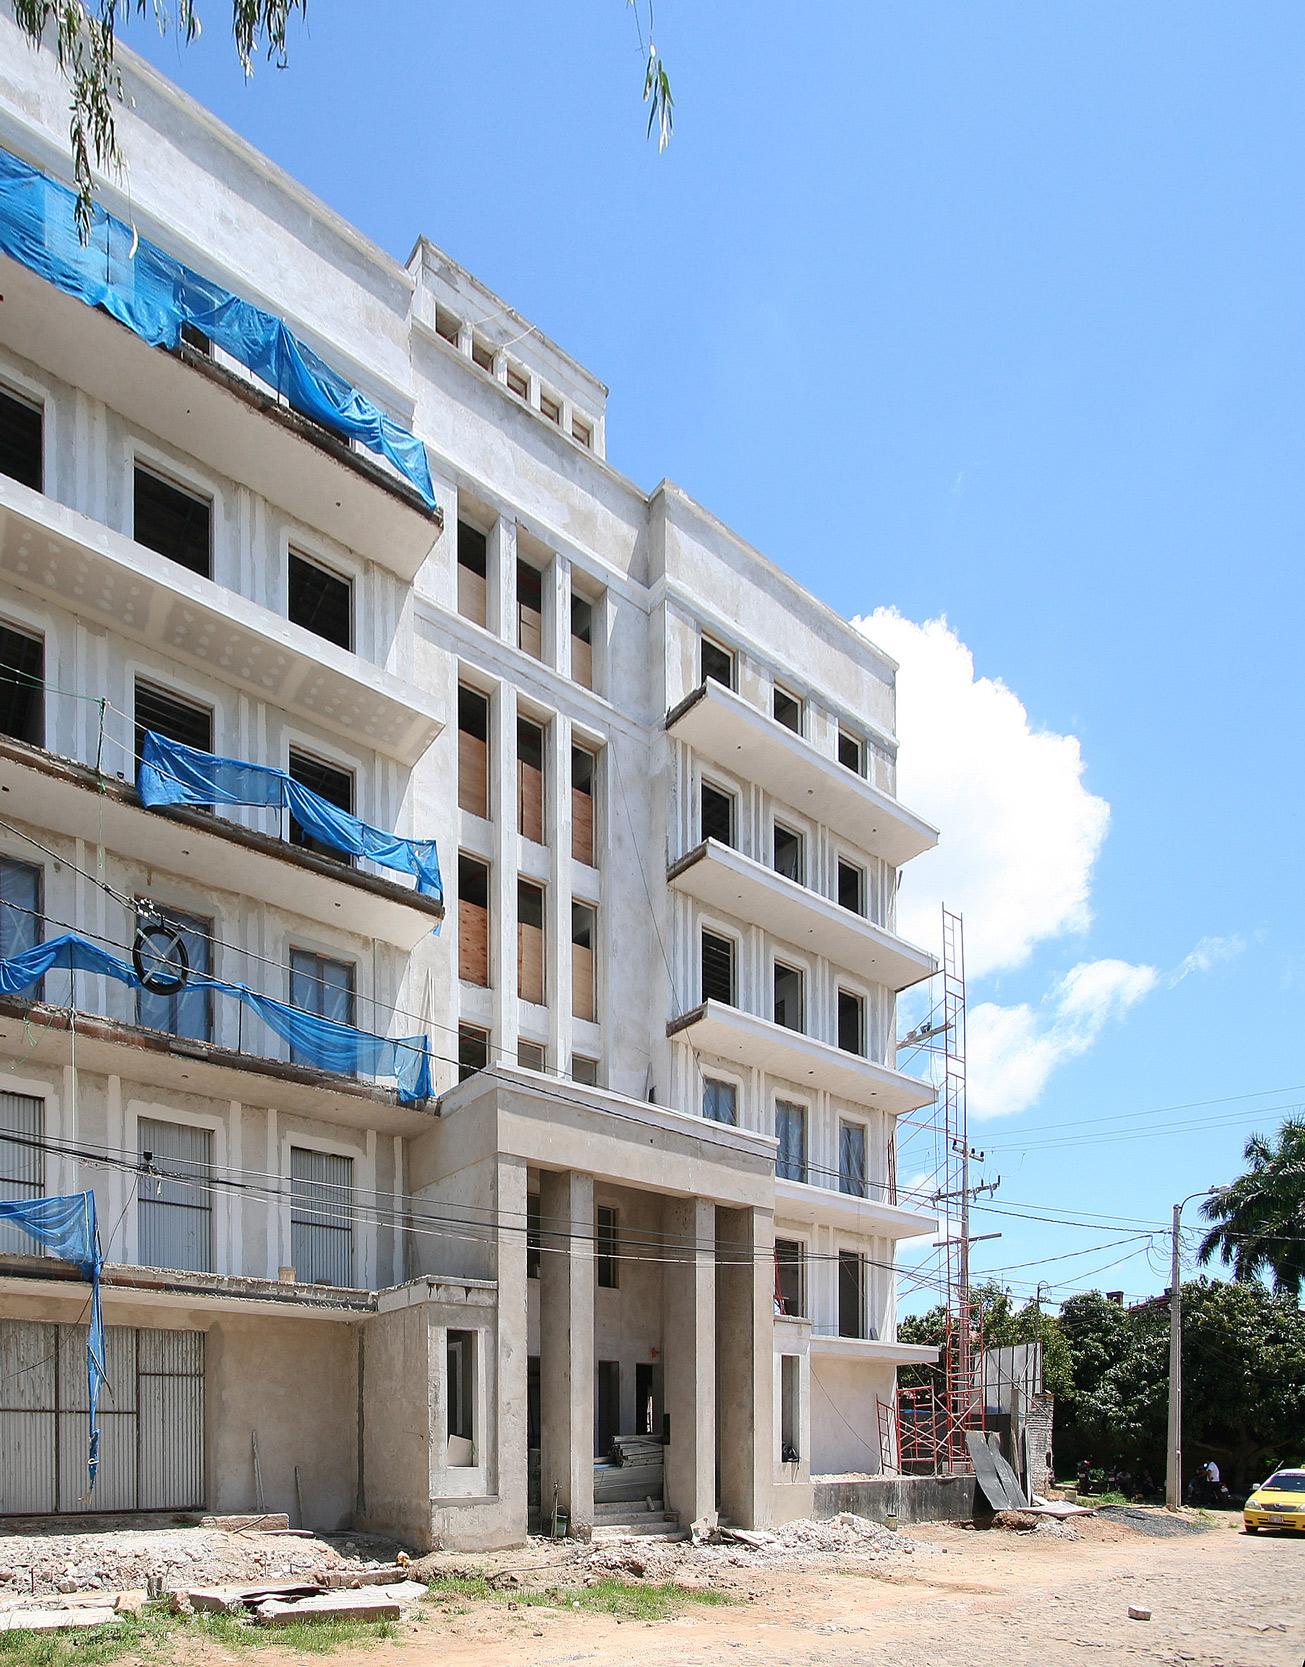 GOETHE RESIDENZEN - Neubau eines Appartementhauses mit exklusiven Wohnungen - Akzente setzt die Kombination aus Putz und Naturstein in der Fassadenstruktur.